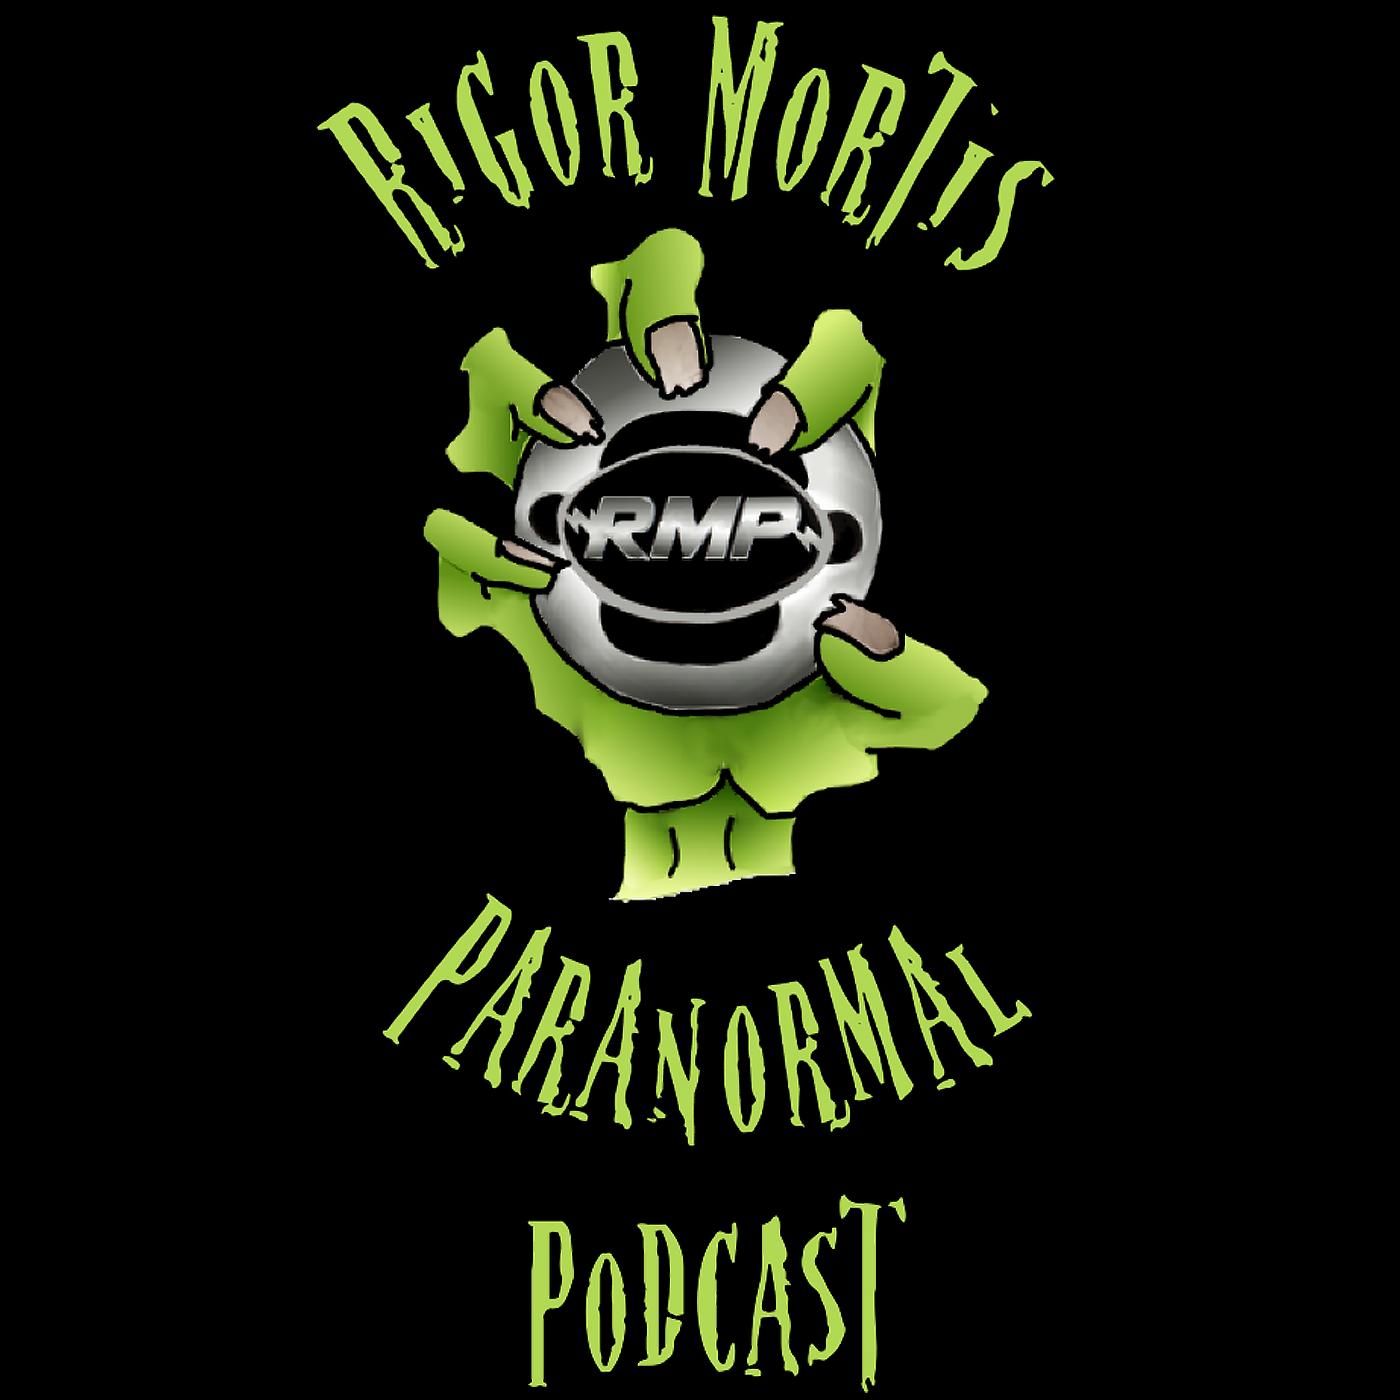 Rigor Mortis Paranormal Podcast show art